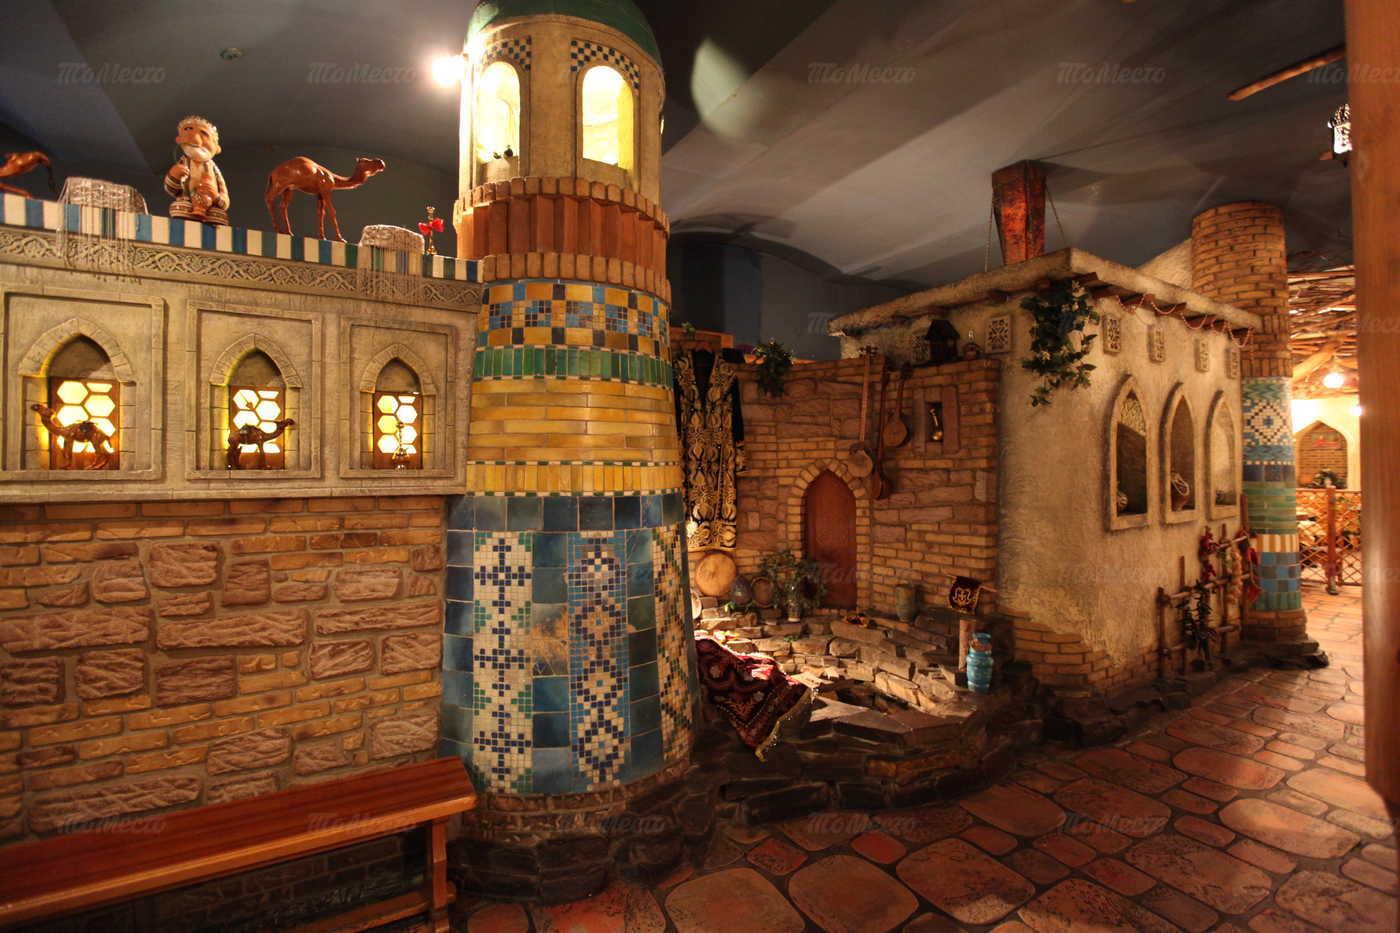 Кафе Тюбетейка на Рождественской улице фото 6